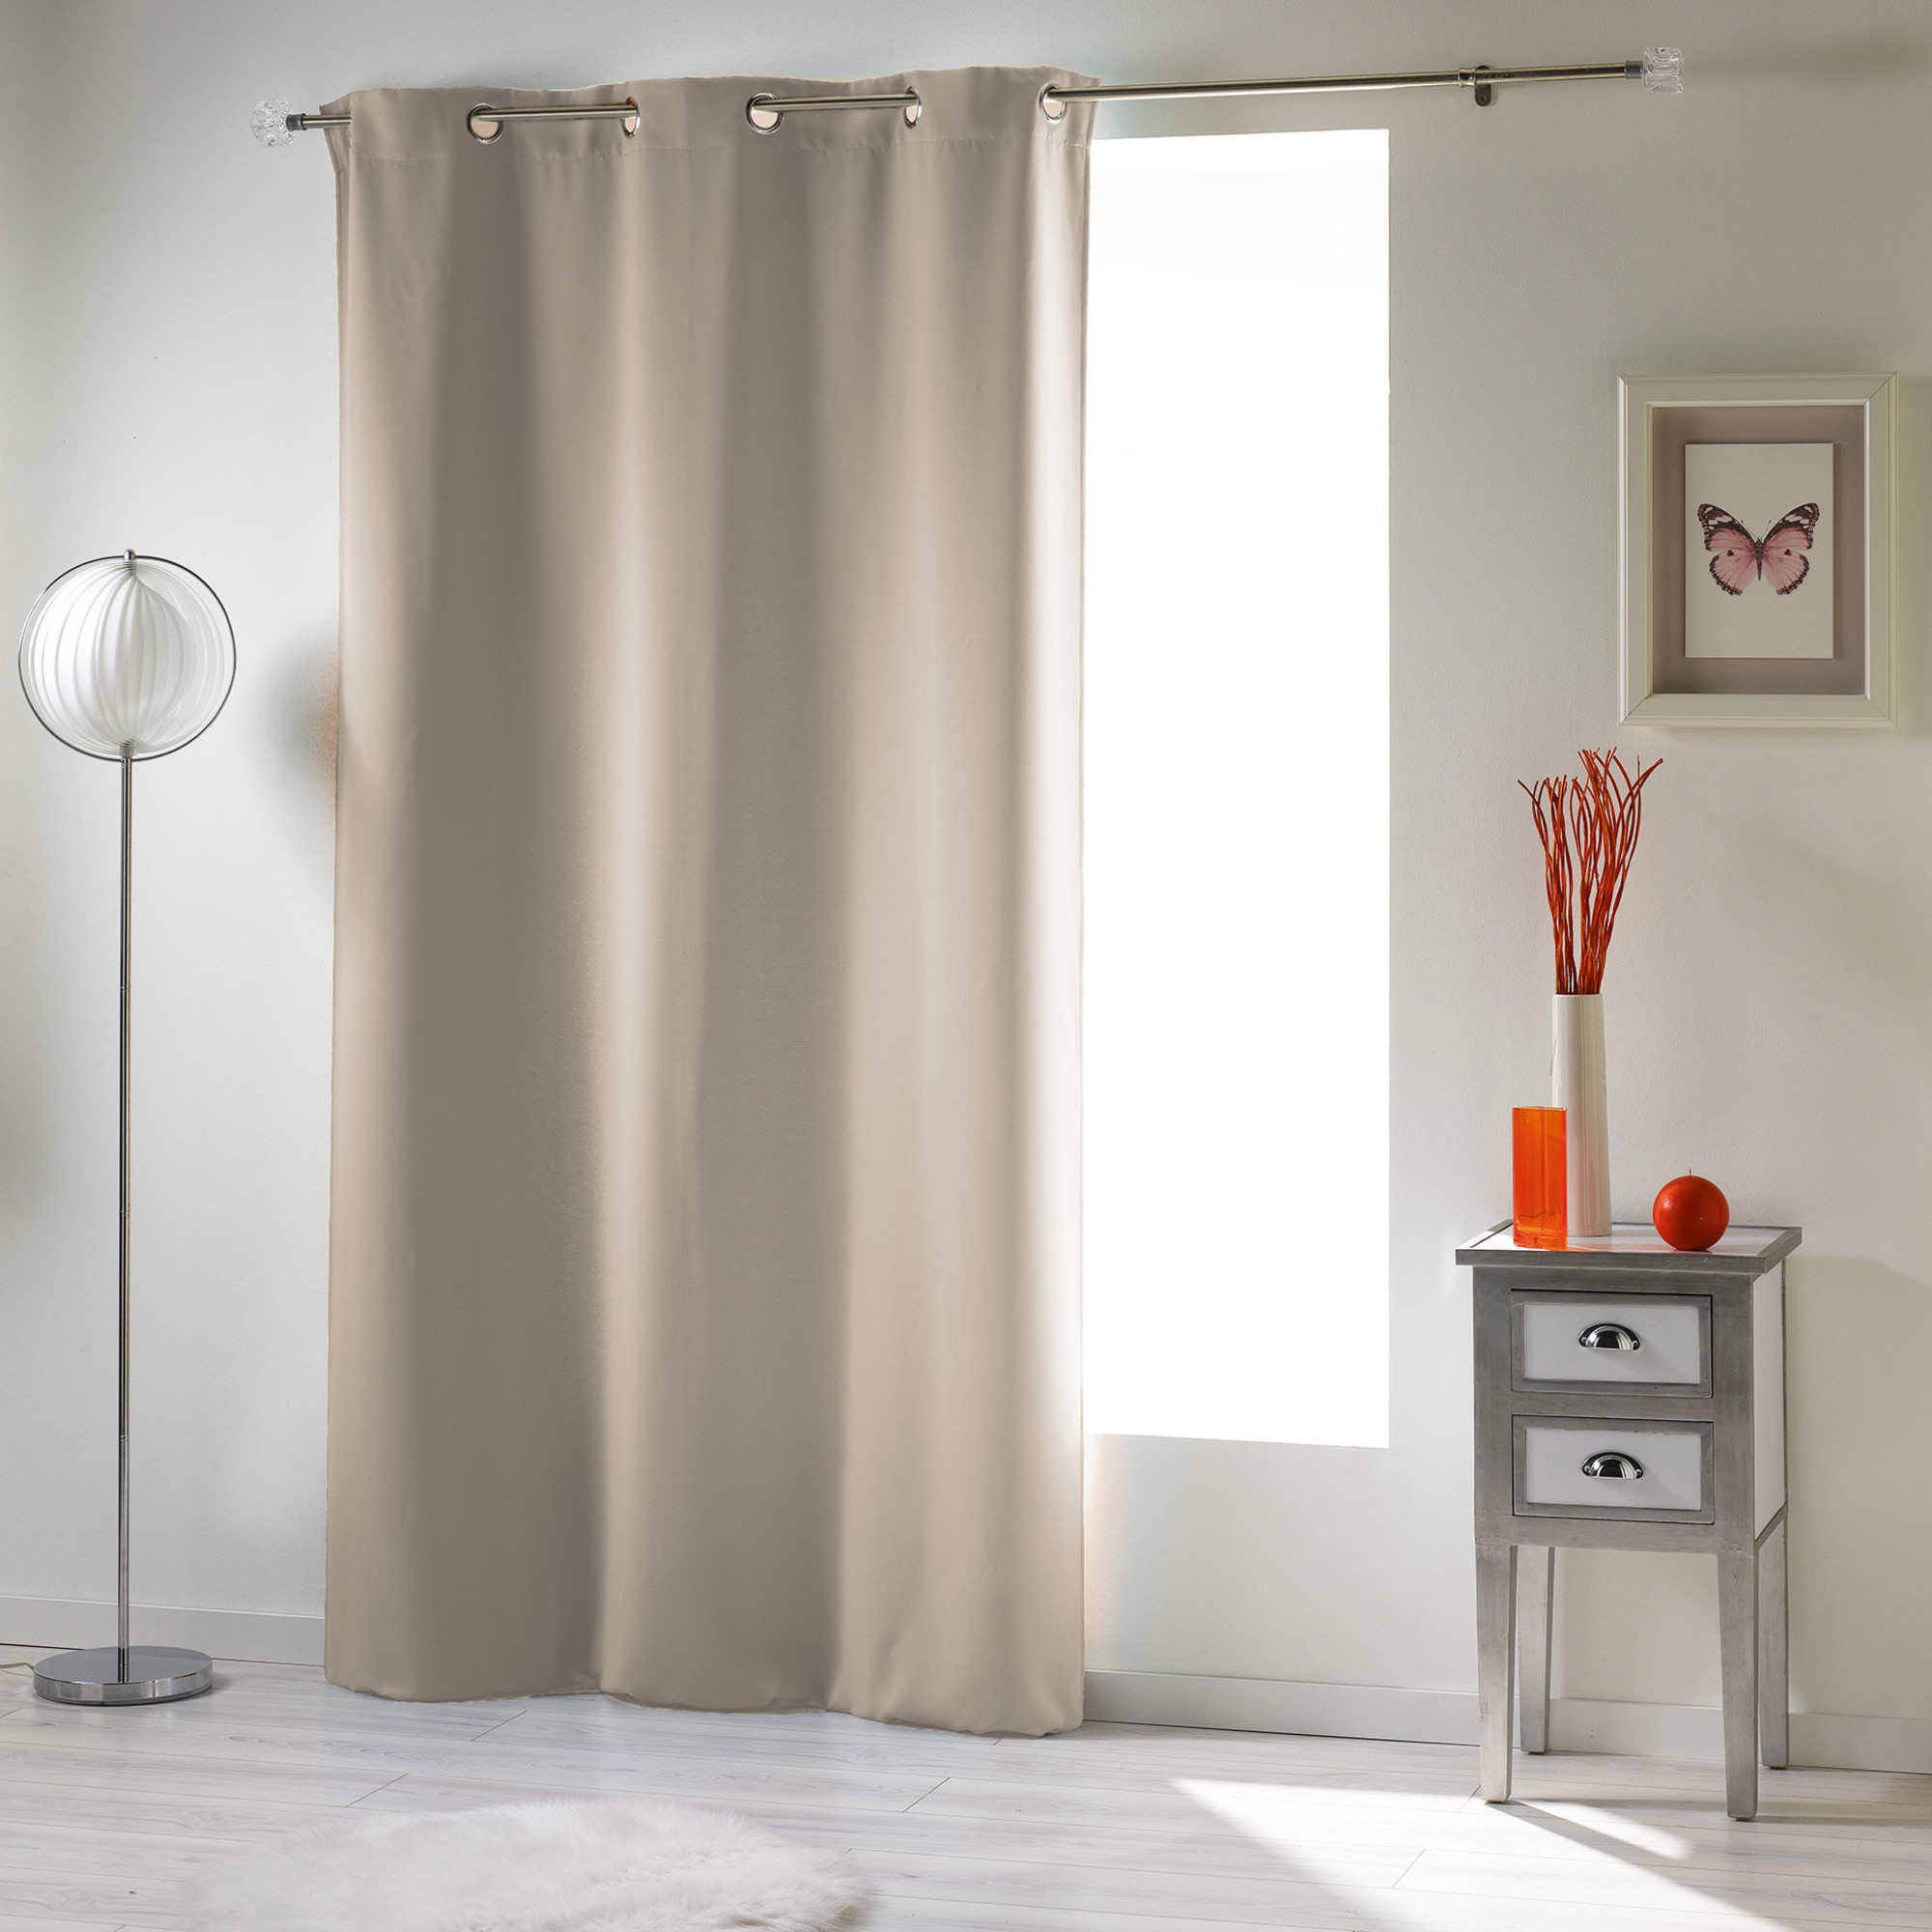 superdekoshopde-fertiger-vorhang-ophanglus-elfenbe